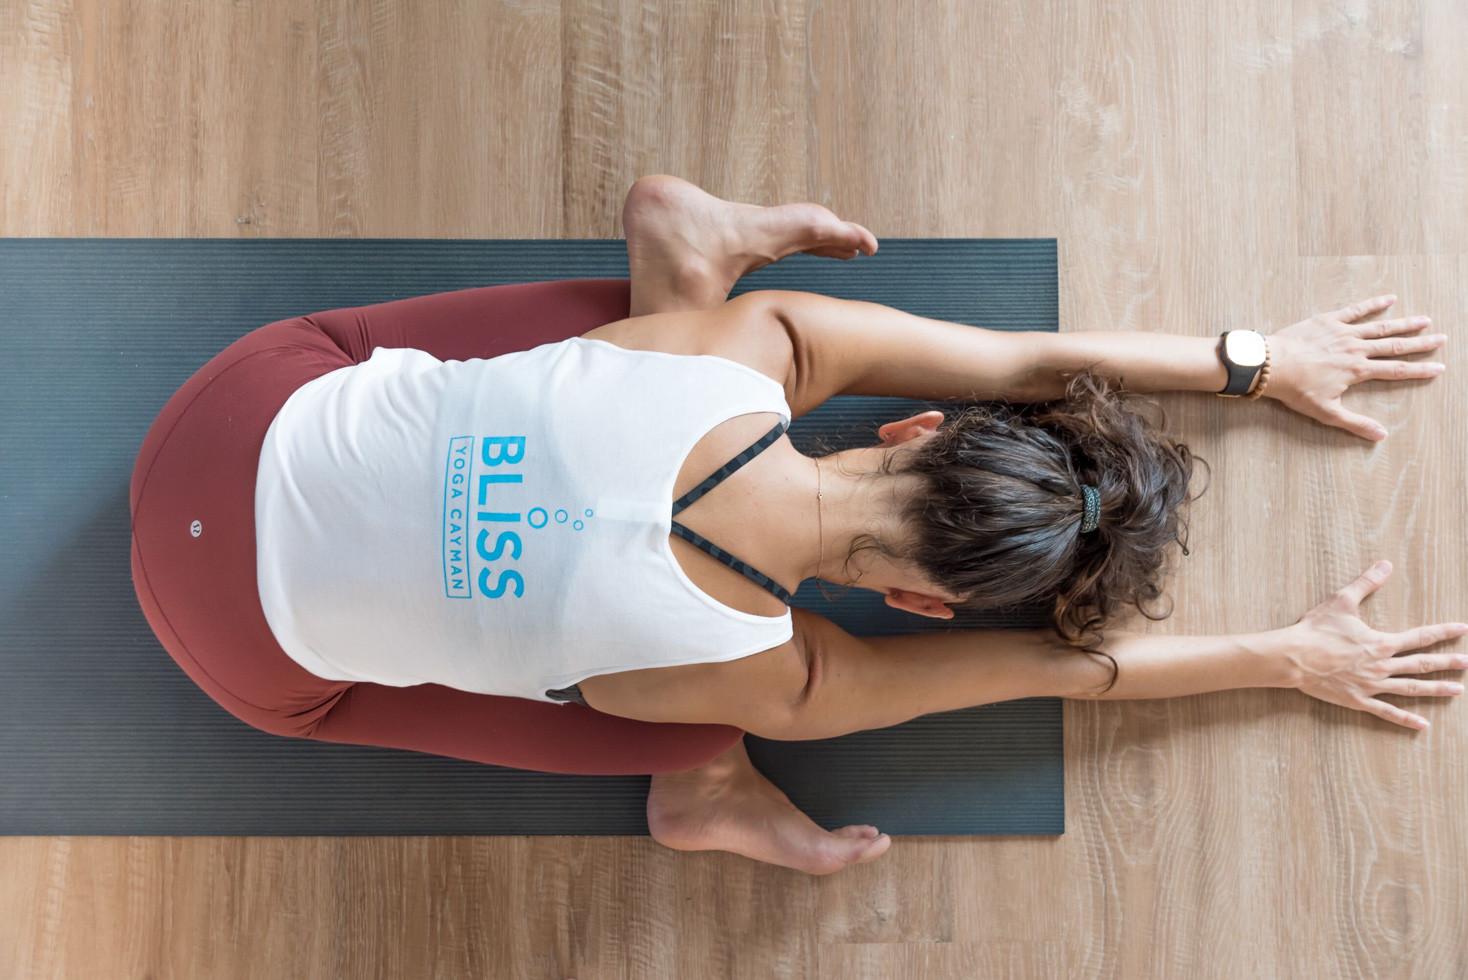 yin-yoga-teacher-training-lana-nelson-bl